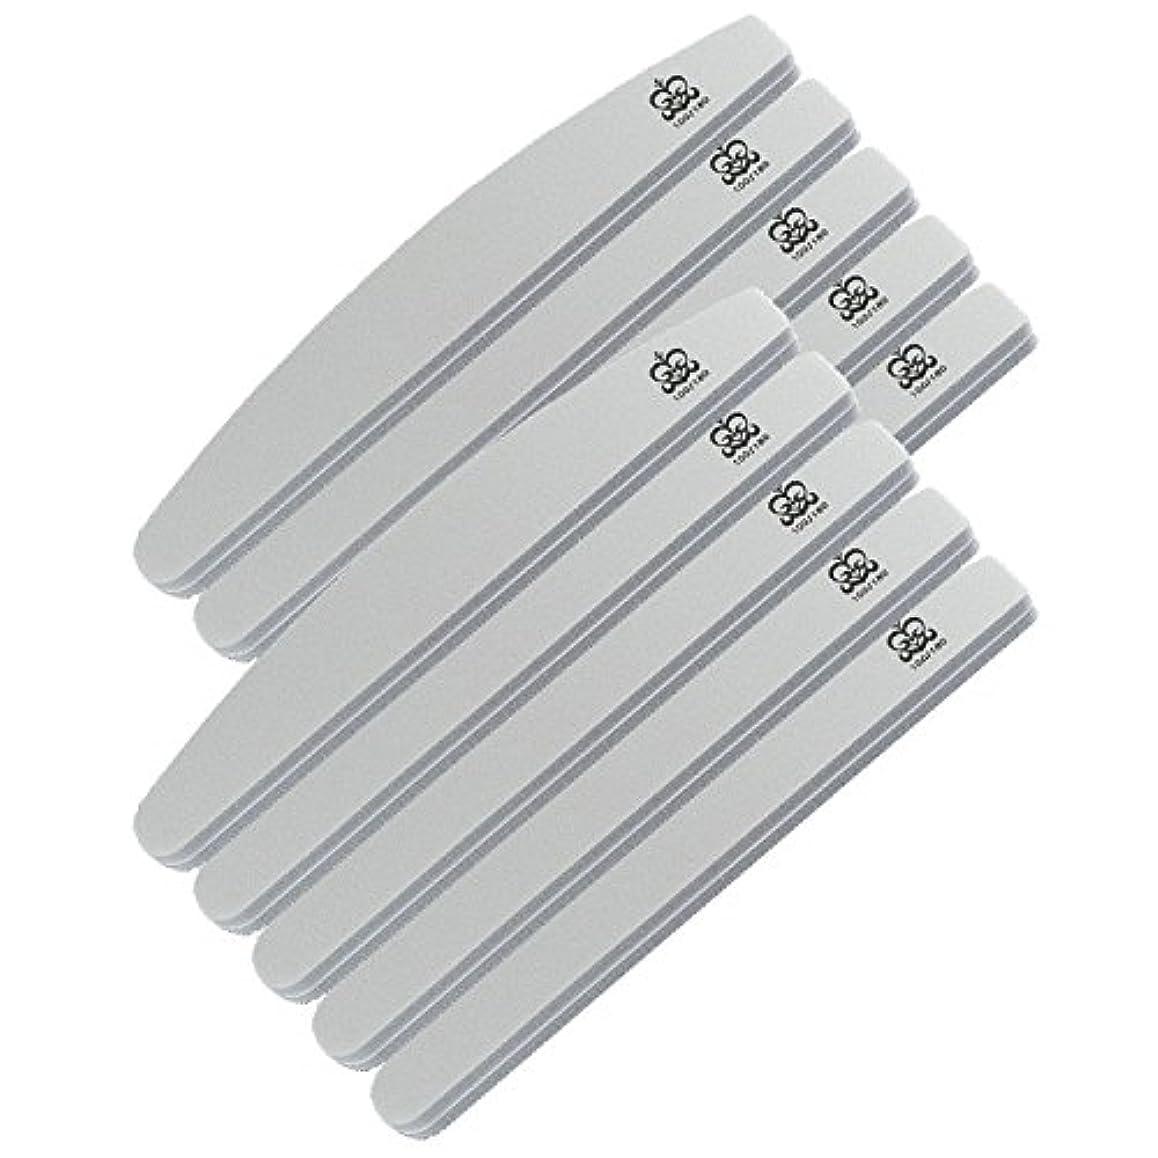 カビ補うデータミクレア(MICREA) ミクレア プロフェッショナルスポンジファイル バリューパック ムーン型 100/180 10本入